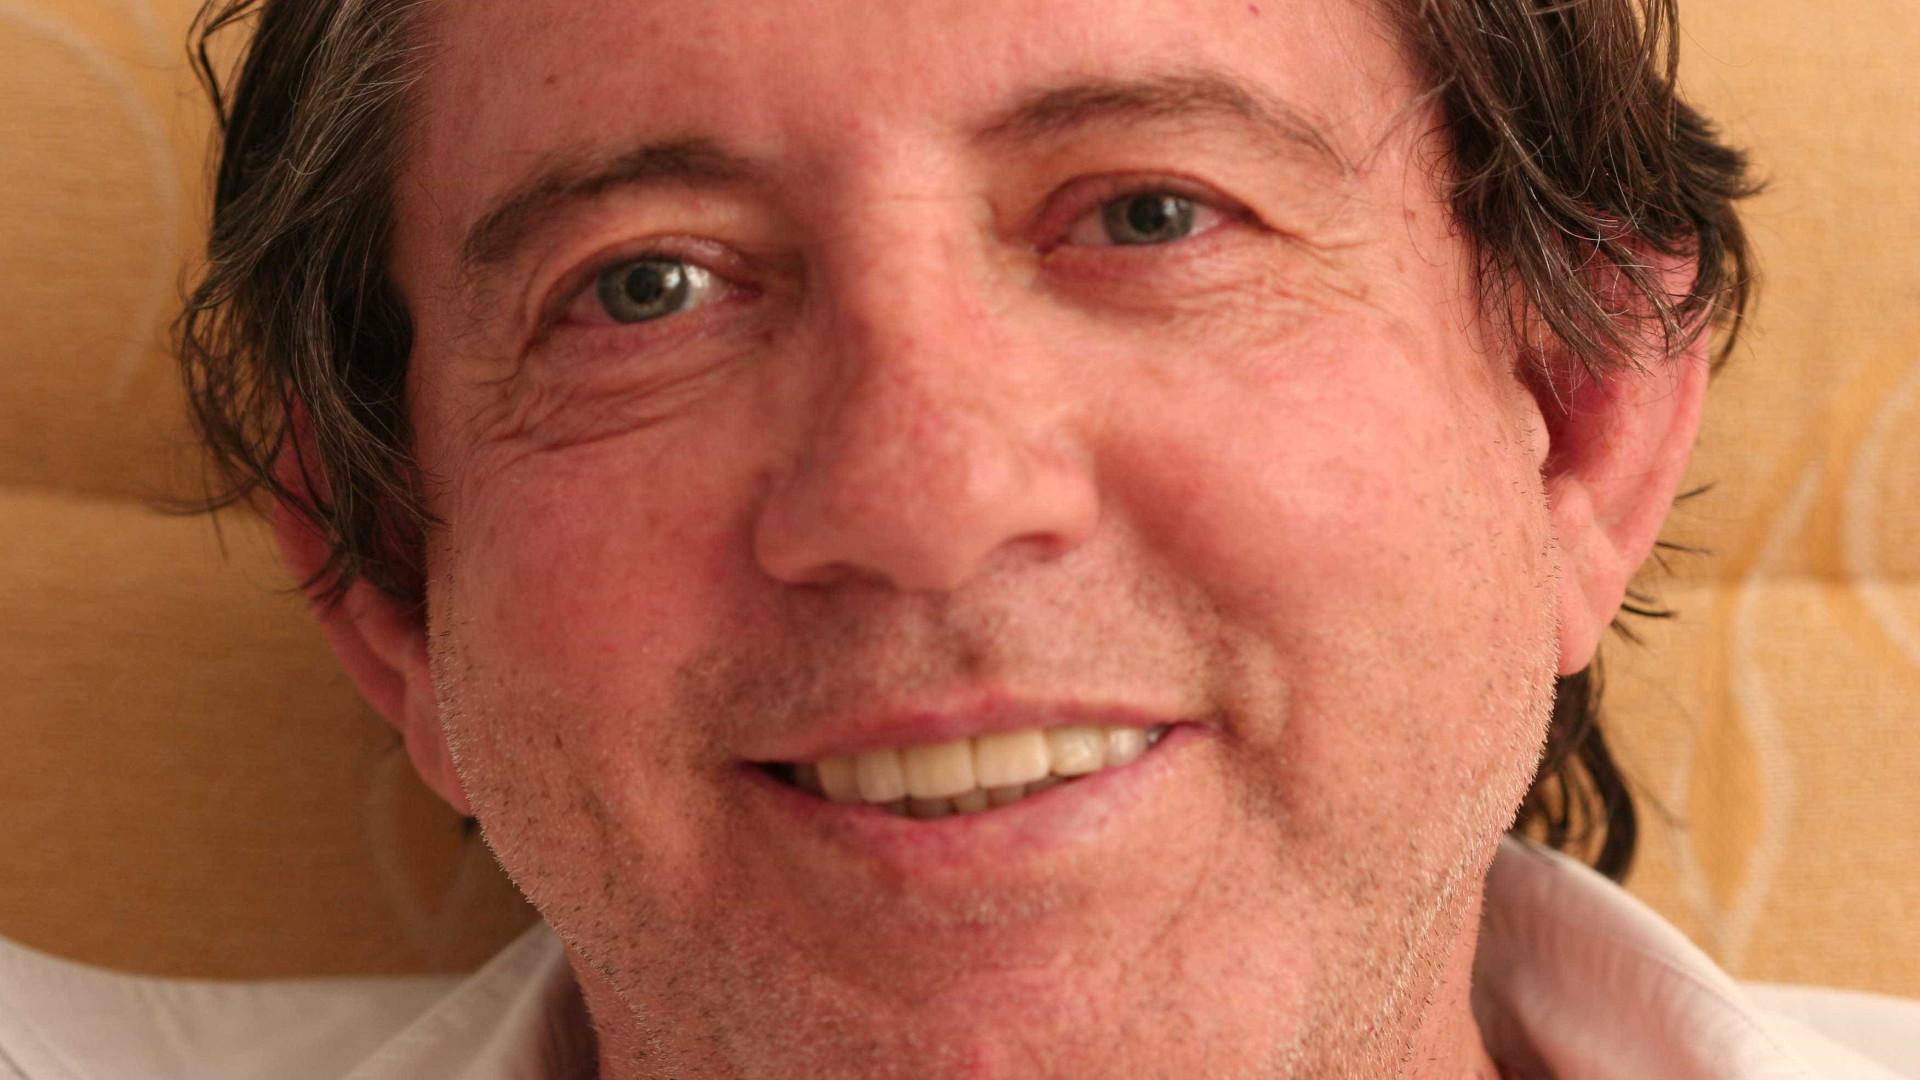 João de Deus cometia abuso depois dava presente à vítima, diz delegado